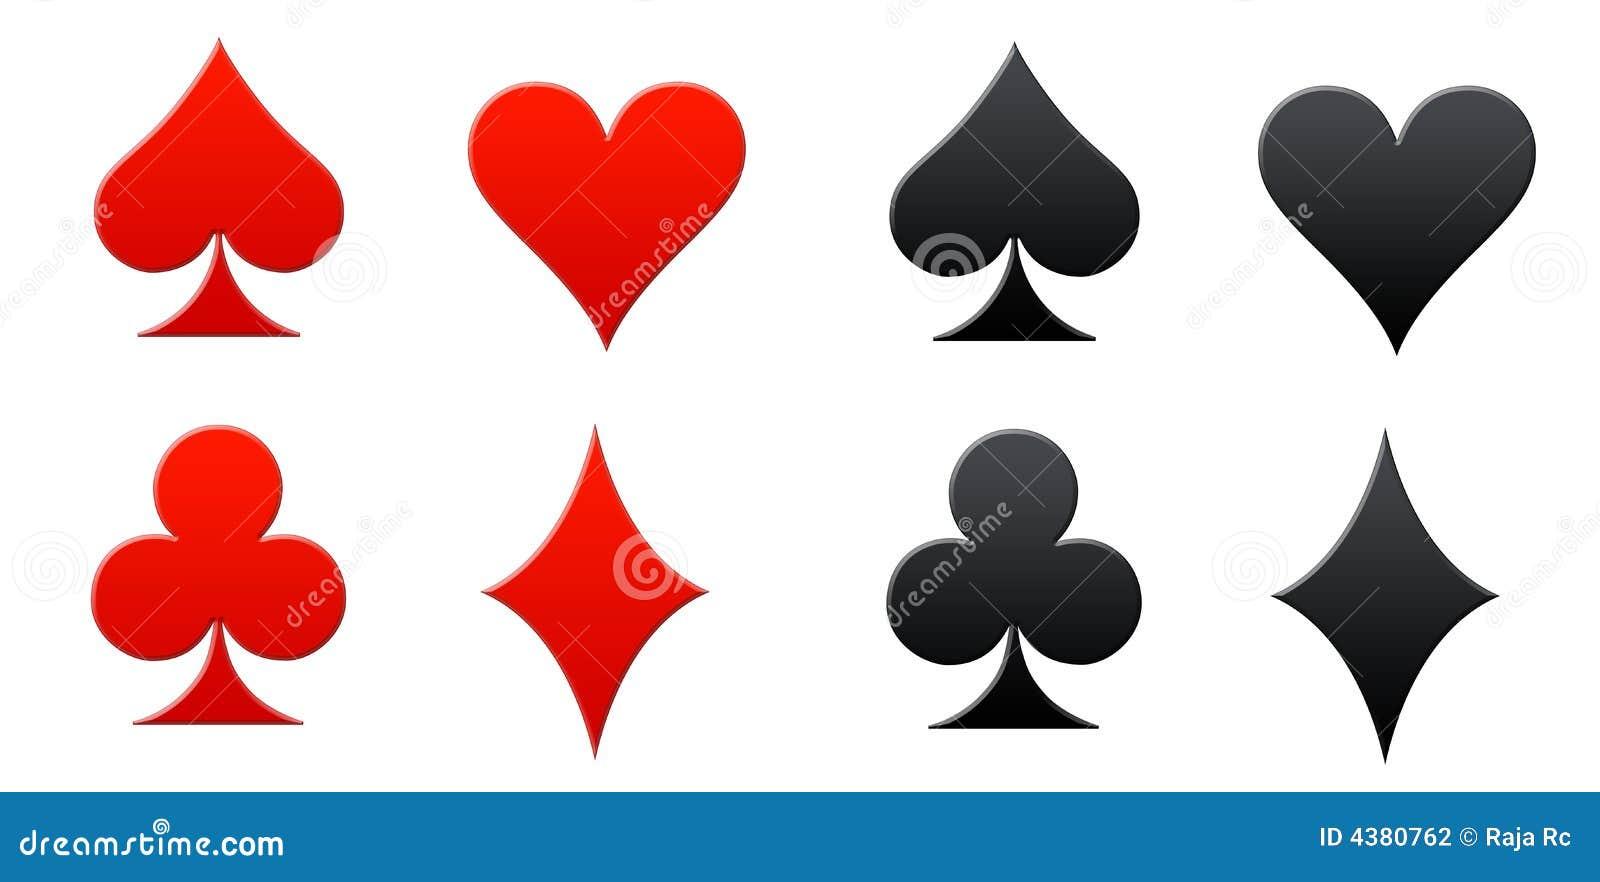 Online casino overzicht gratis gokken op kroon casino